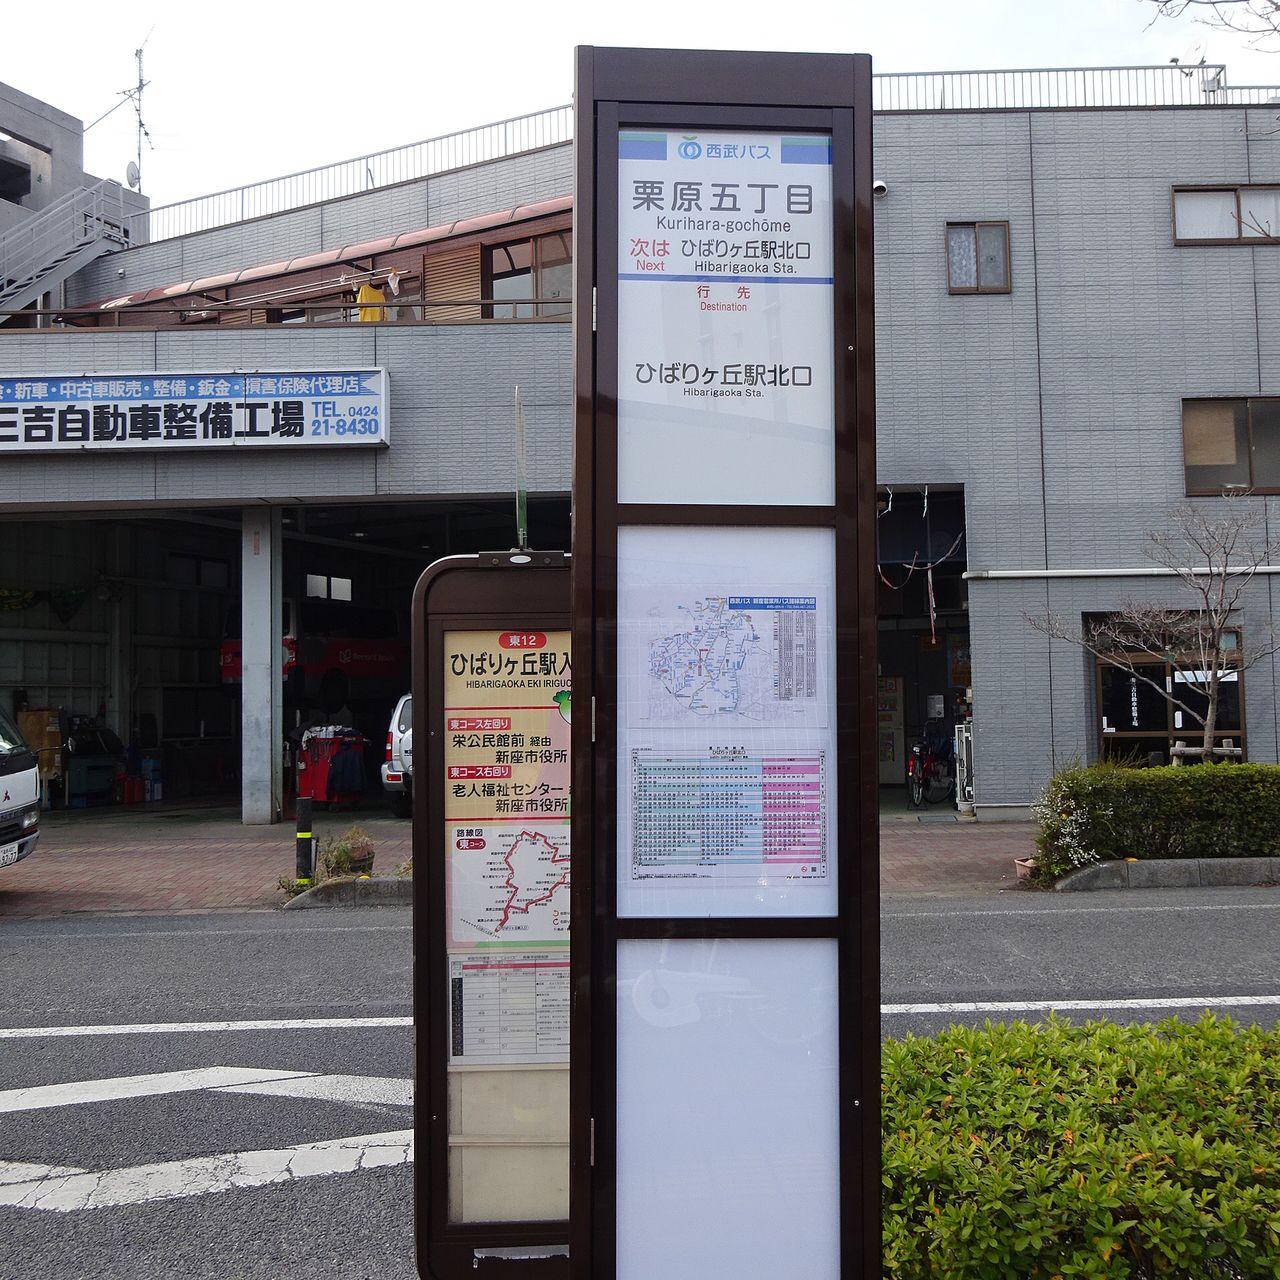 北口駅の次のバス停